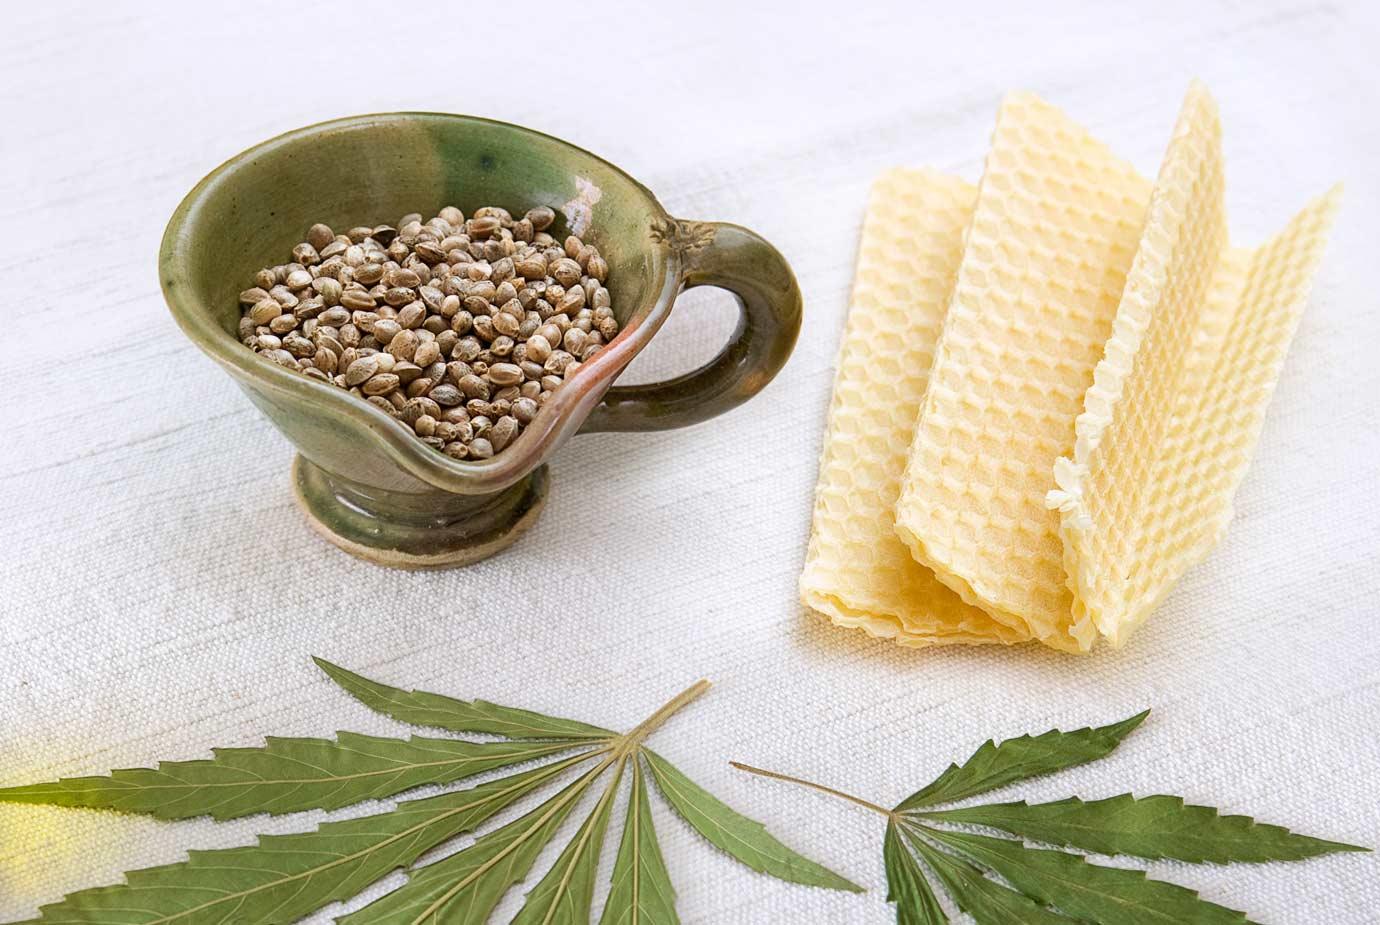 L'huile de chanvre est obtenue à partir des Graine de chanvre. L'huile de chanvre et la cire d'abeille, matières premières des produits Canna d'Oc.